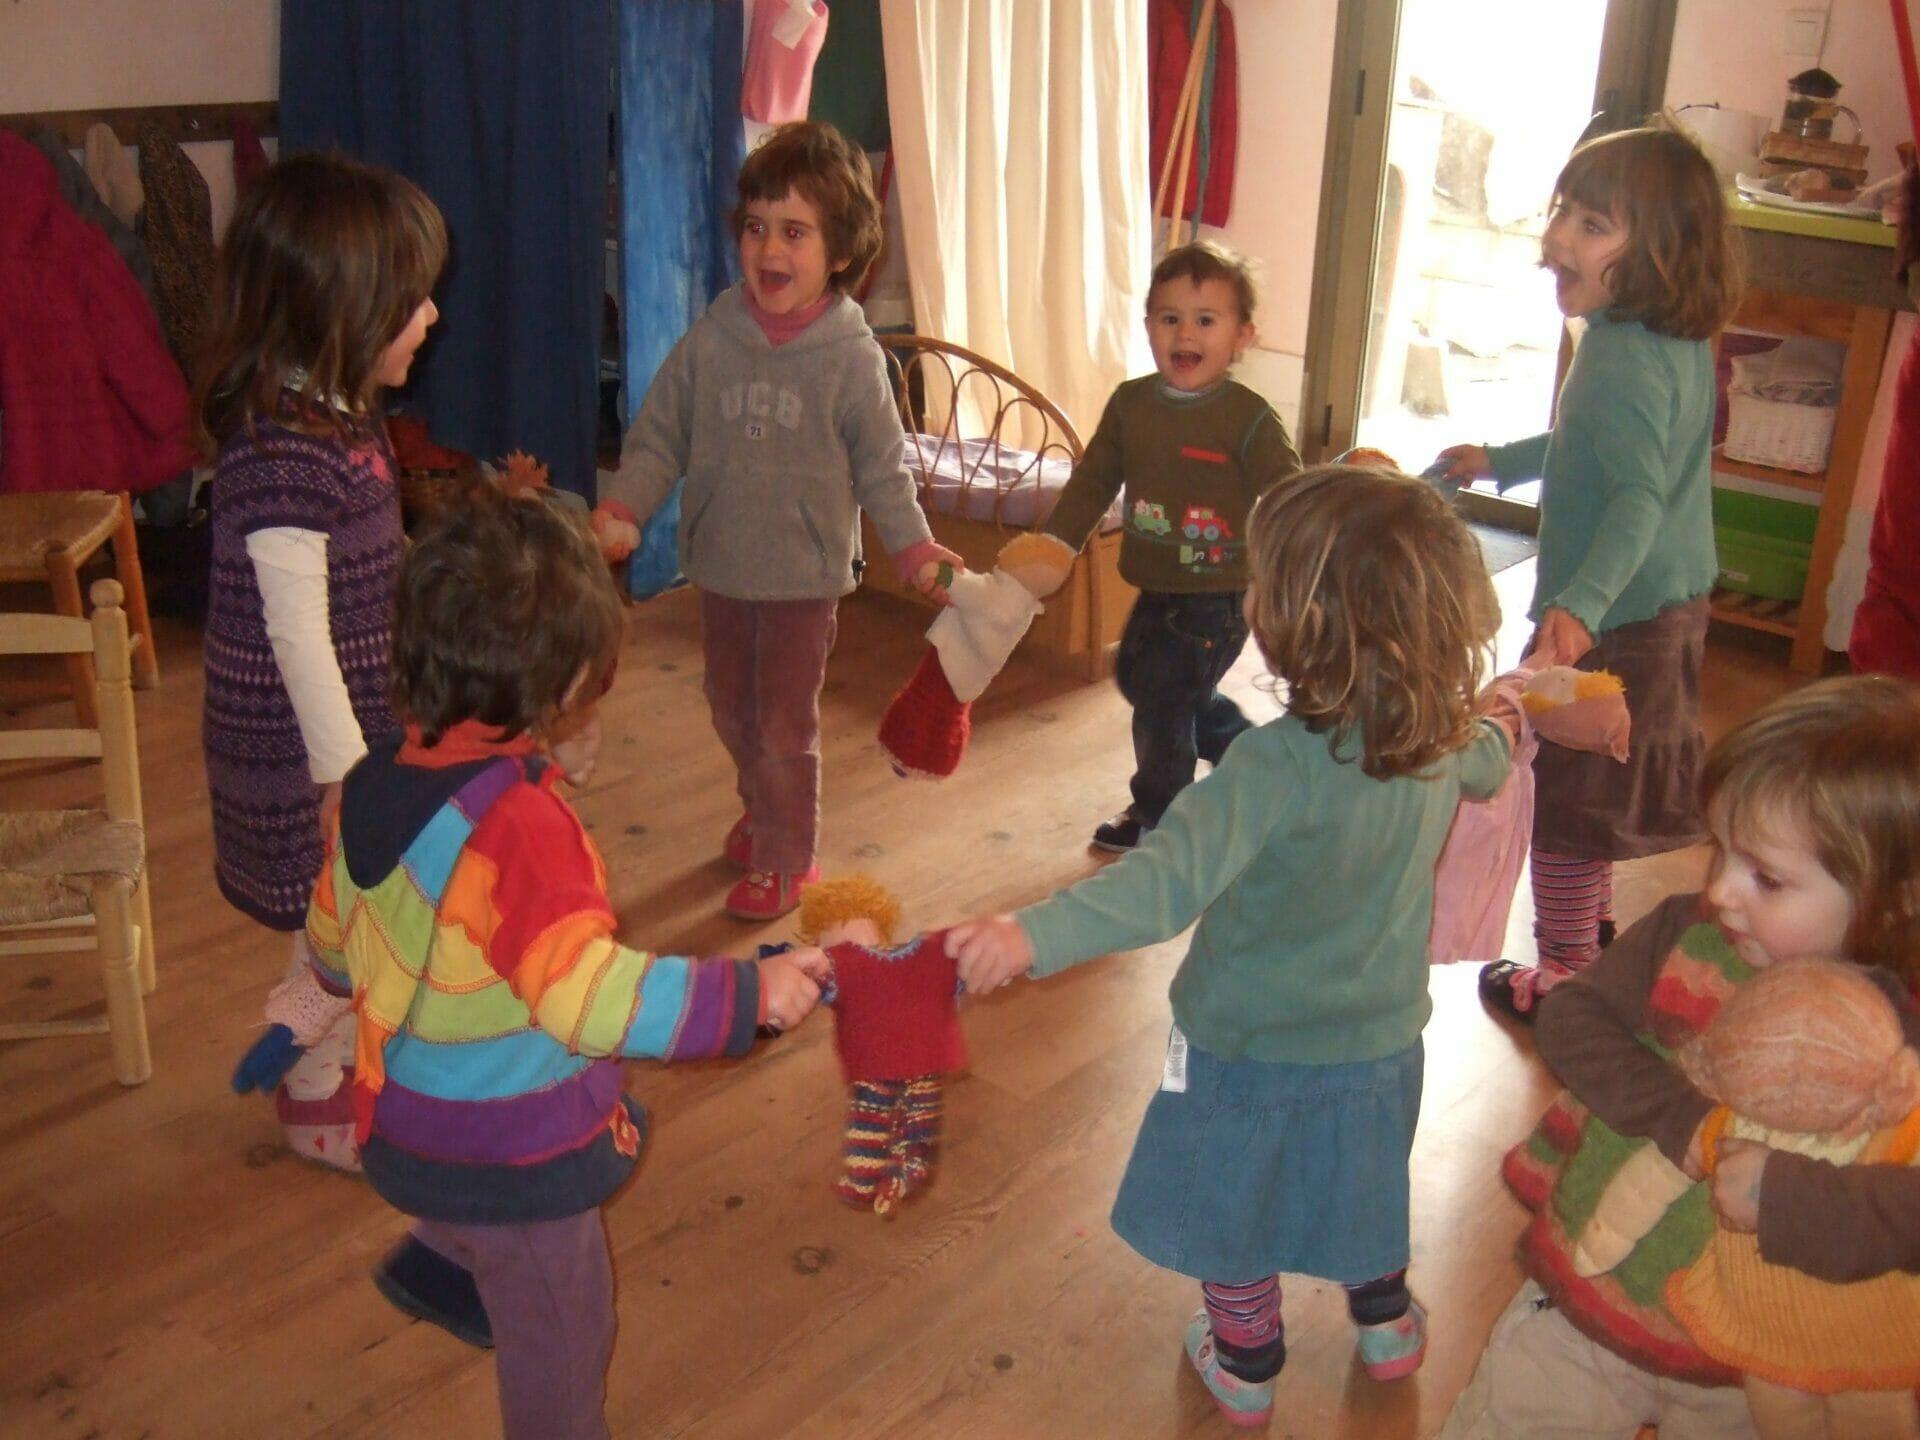 Música pentatónica para calmar a los niños